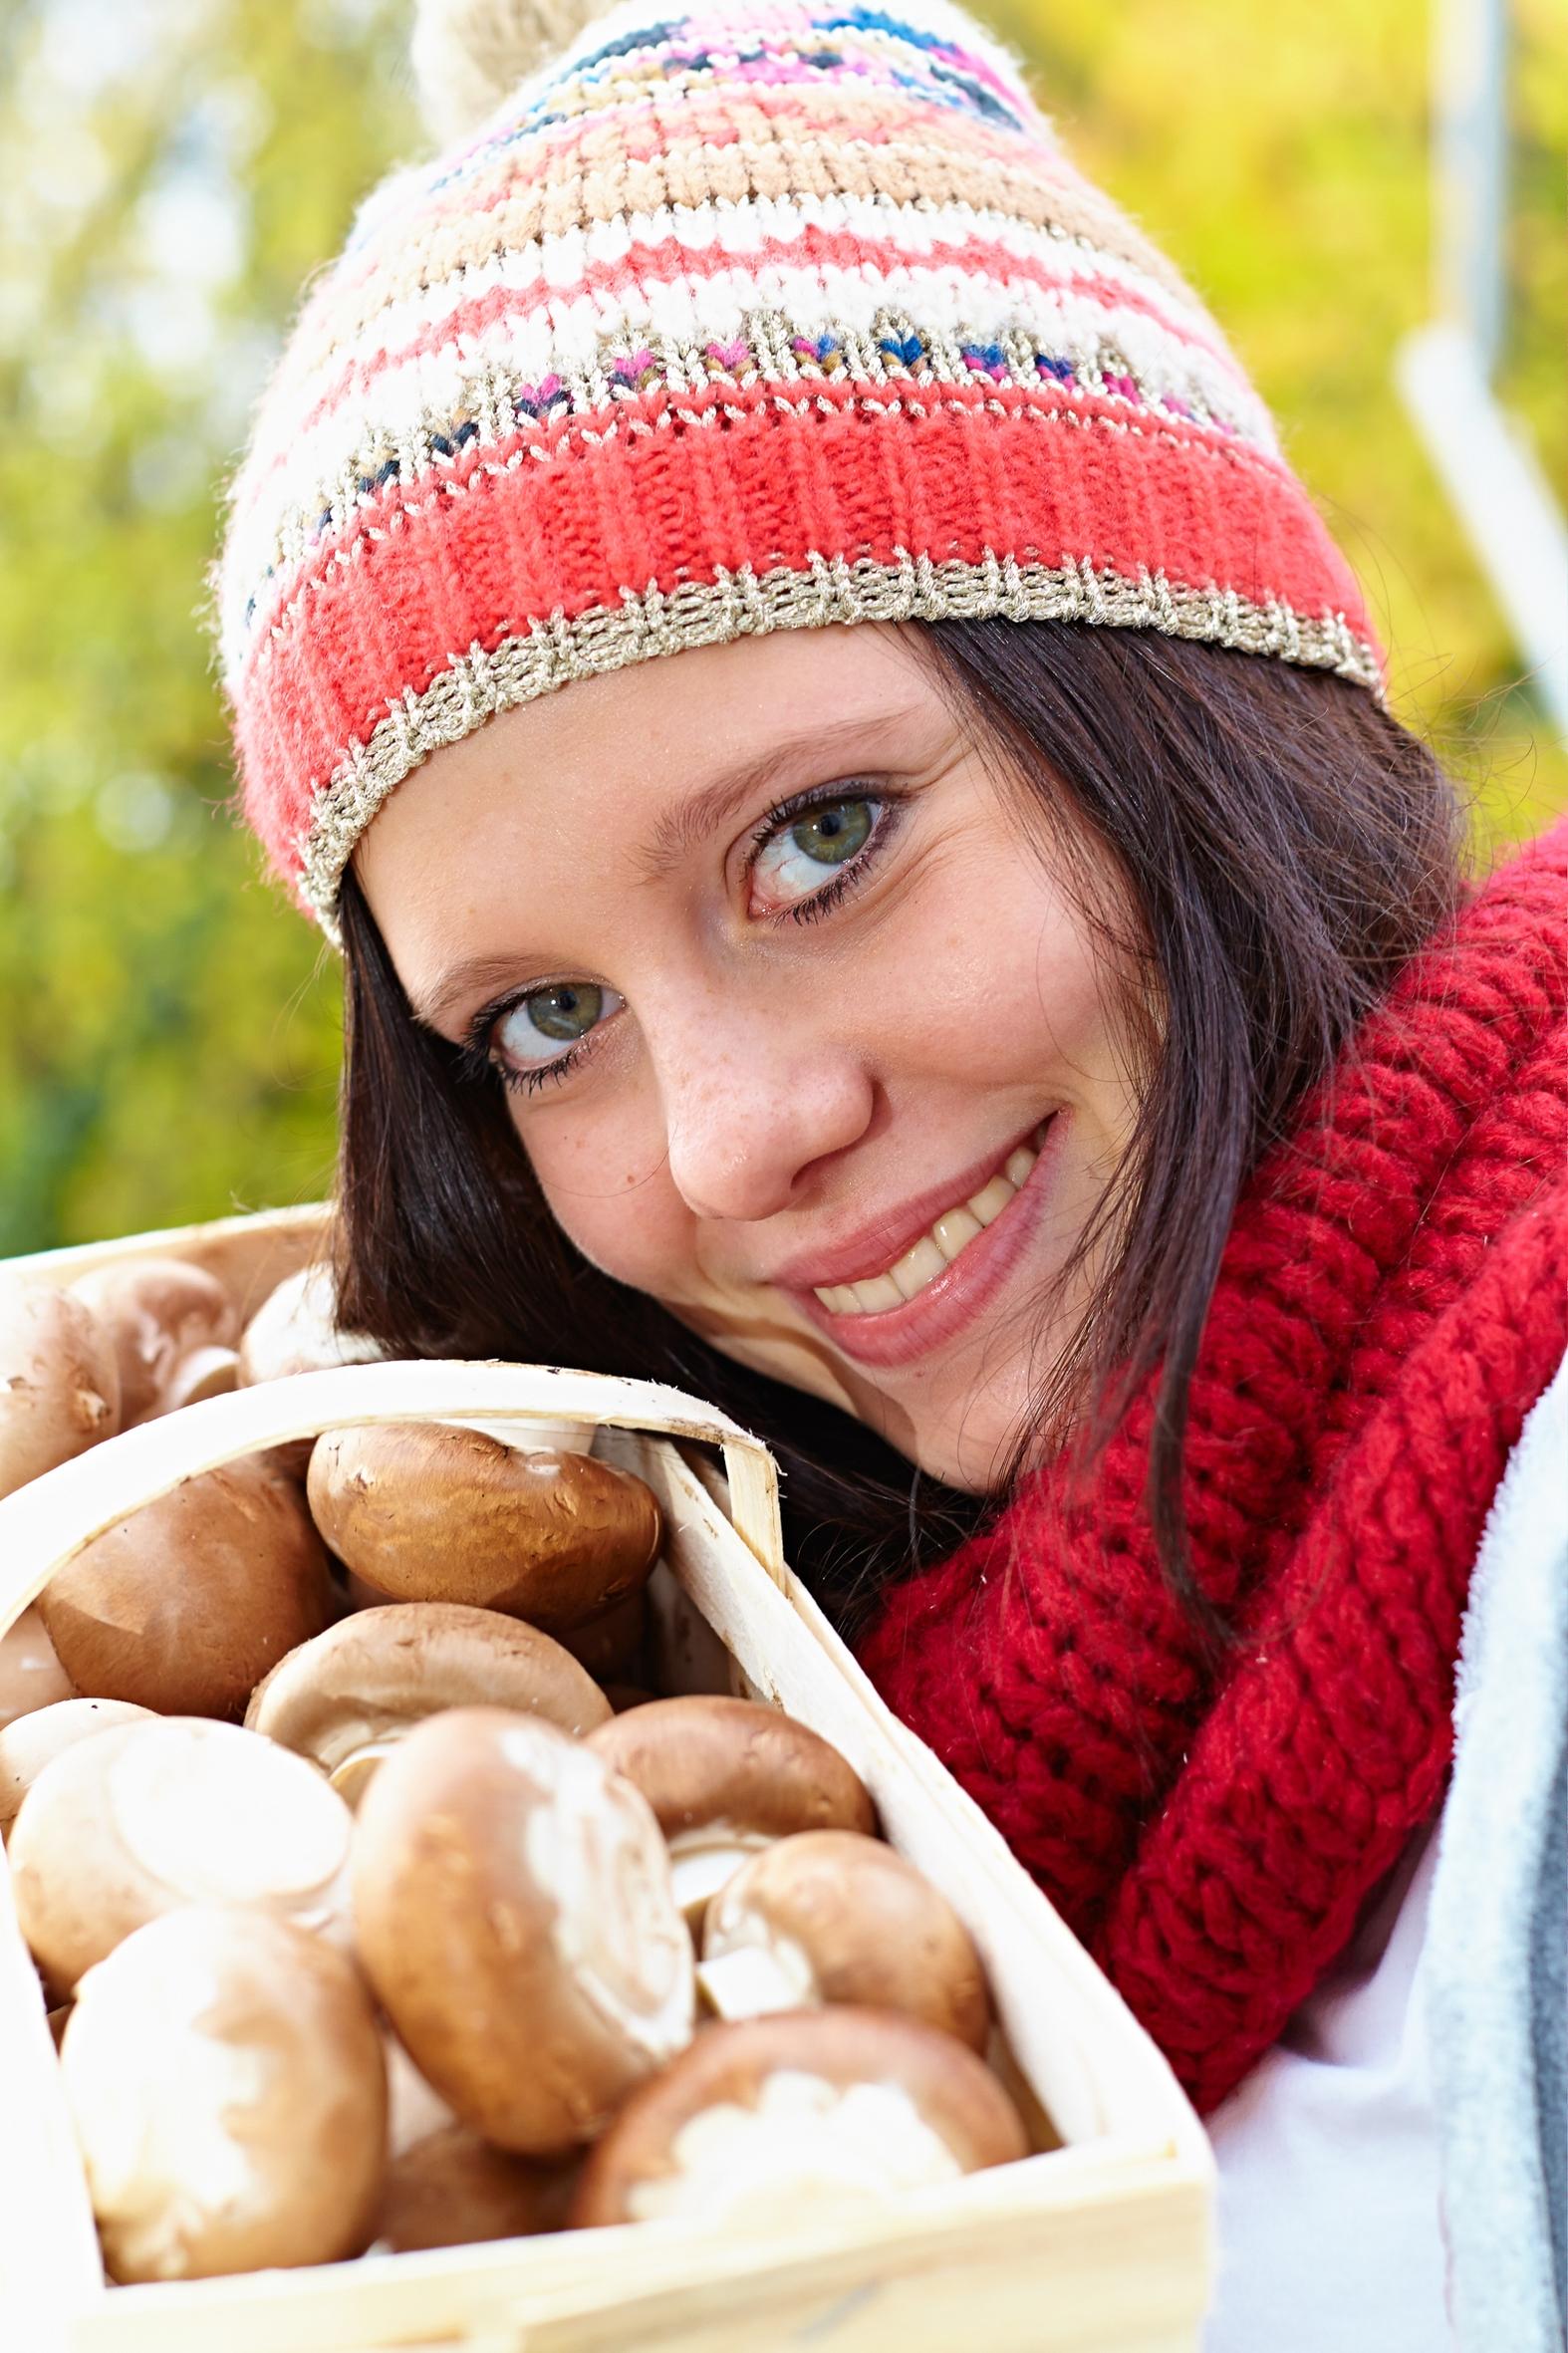 Pilze sammeln oder kaufen?